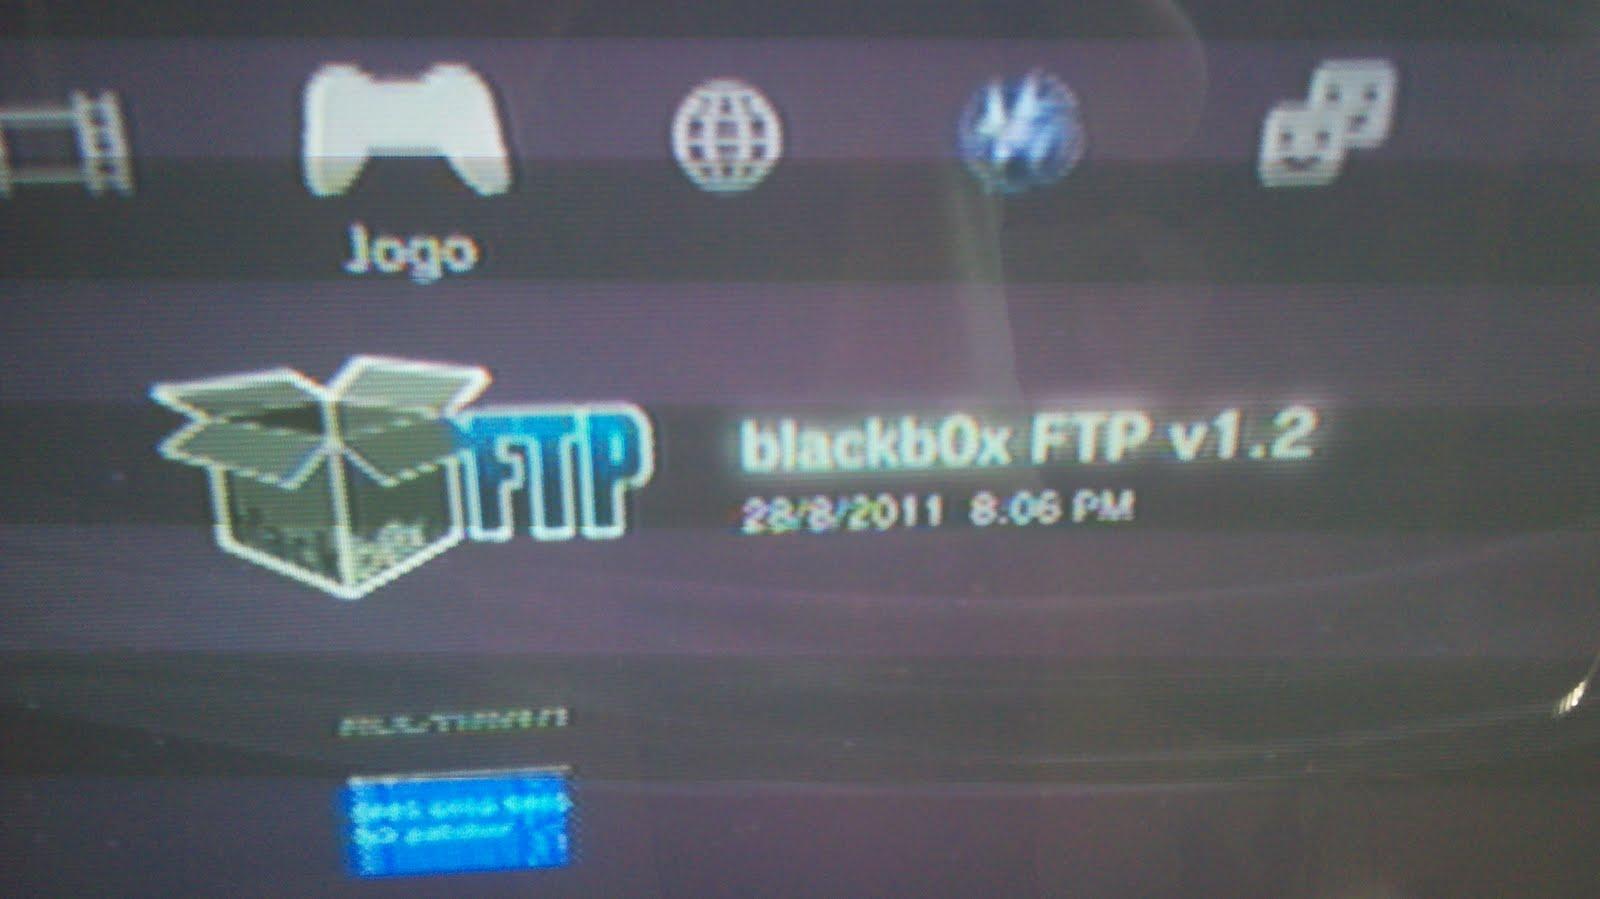 [tutorial]Como passar jogos do PC pro HD Interno do PS3 2011-04-09_09-27-36_299